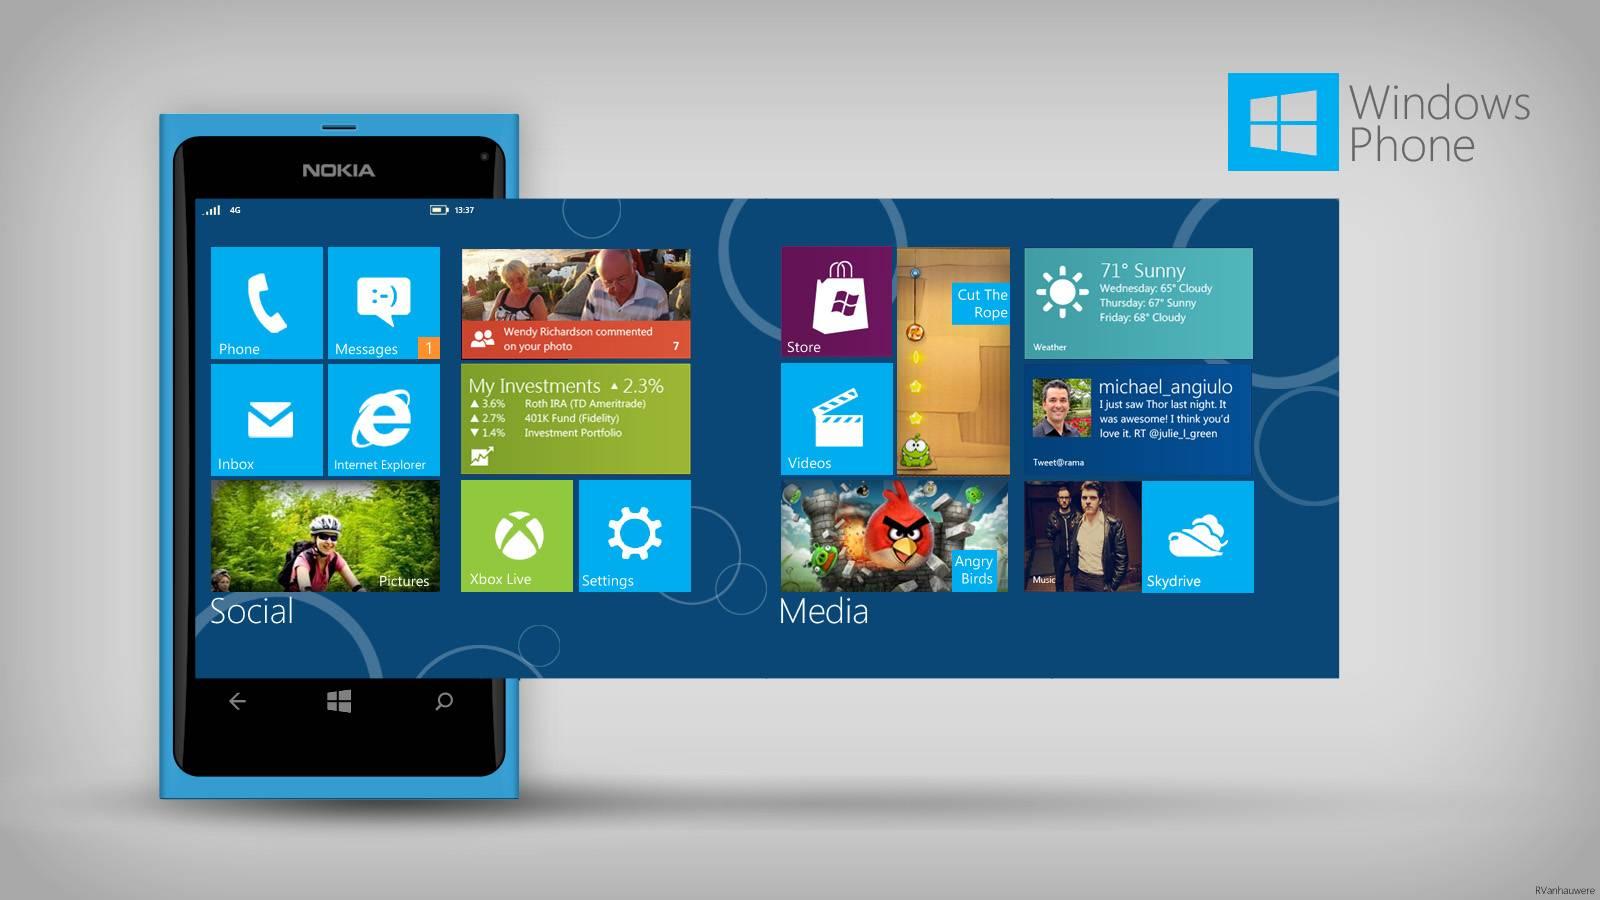 Windows Phone: Come Risolvere il Temuto Errore 805a8011